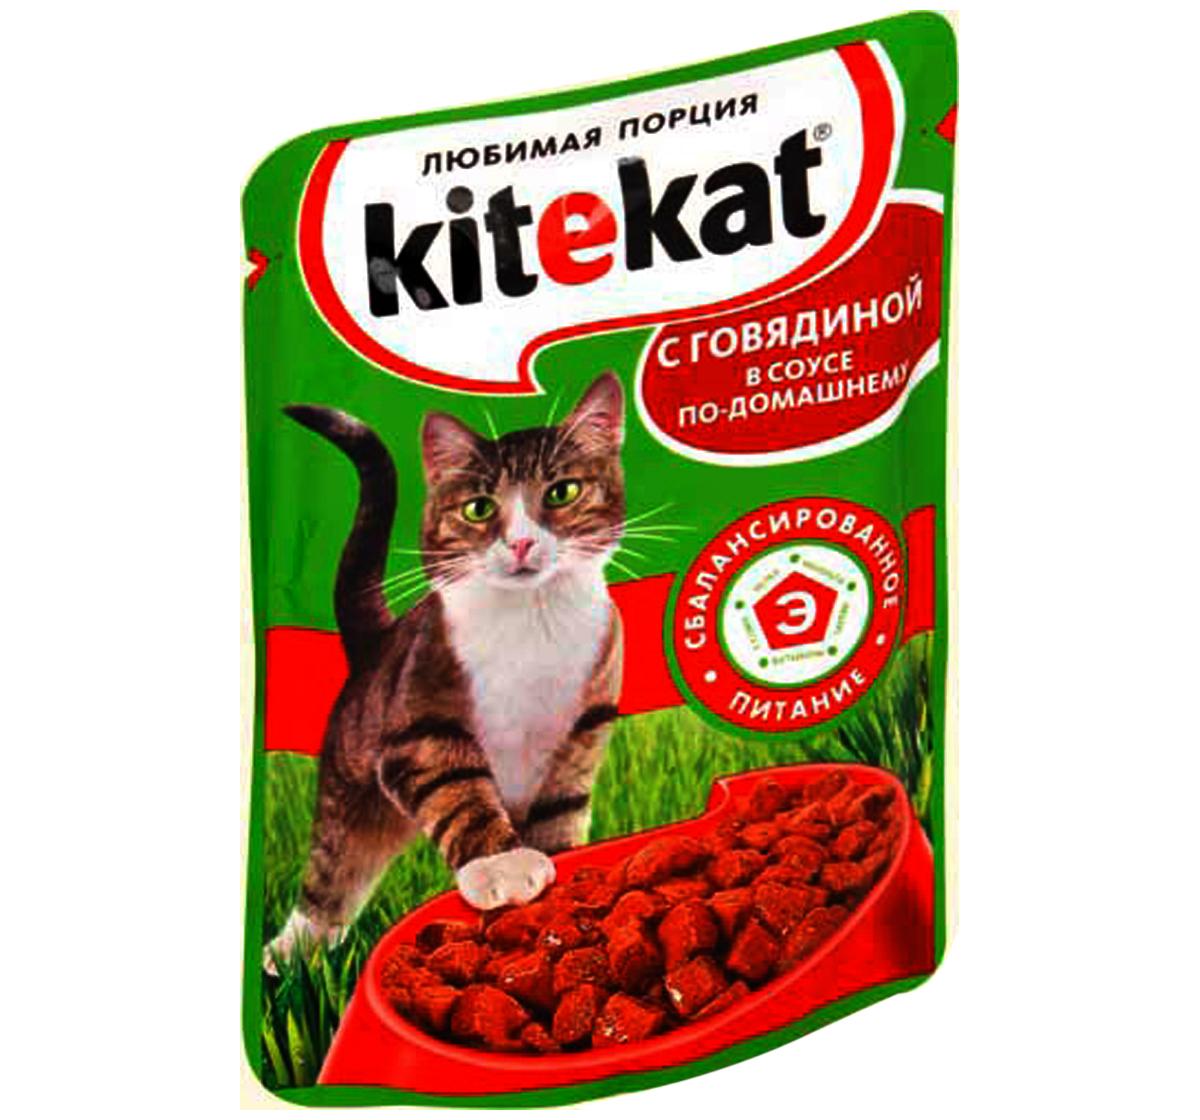 Kit E Kat Cat Food